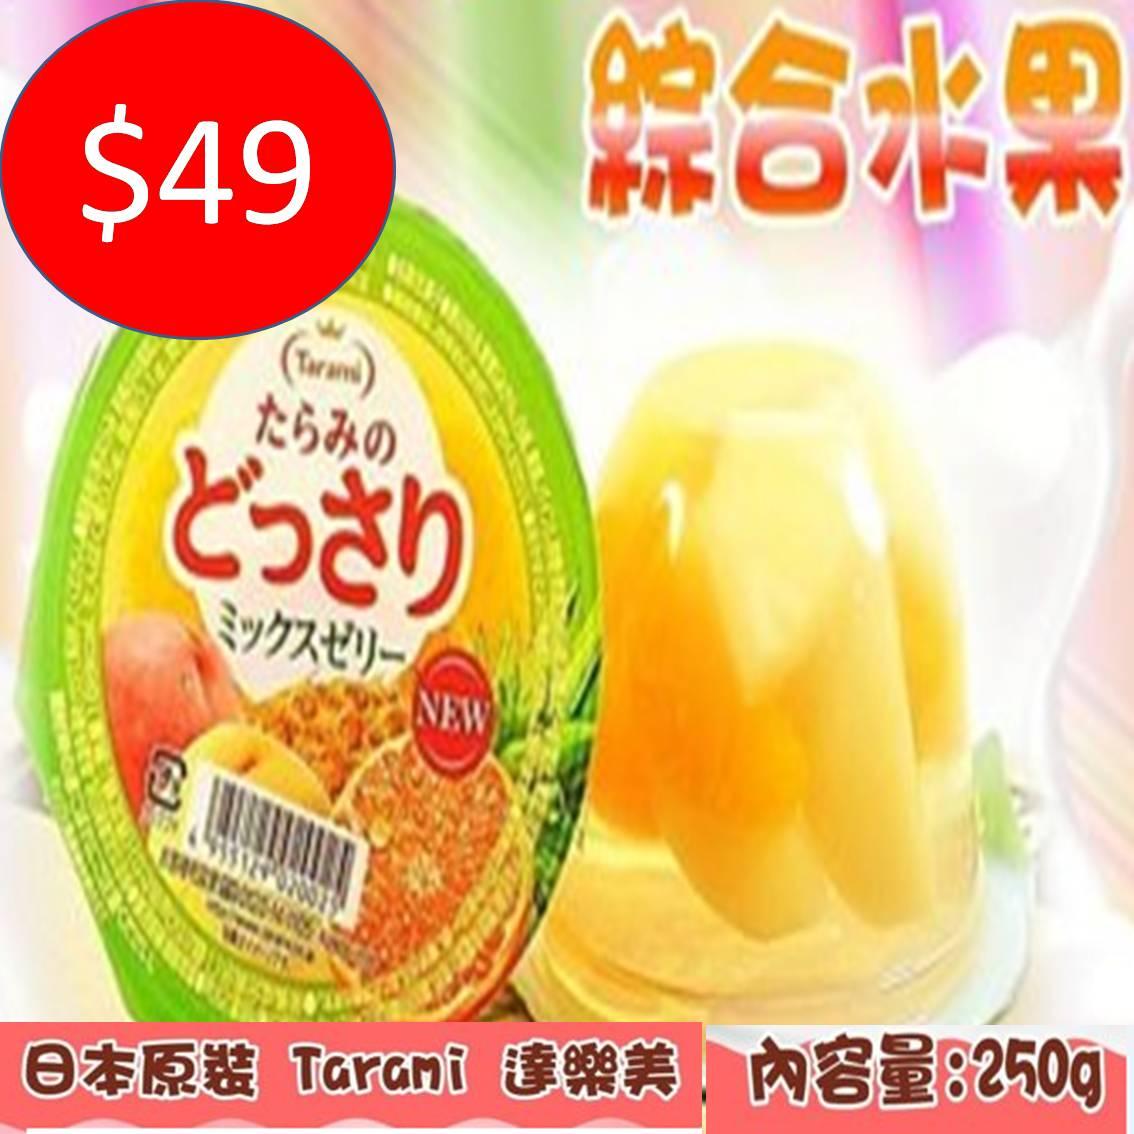 【現貨】日本 Tarami達樂美 低卡鮮果肉果凍250g 綜合水果【樂活生活館】